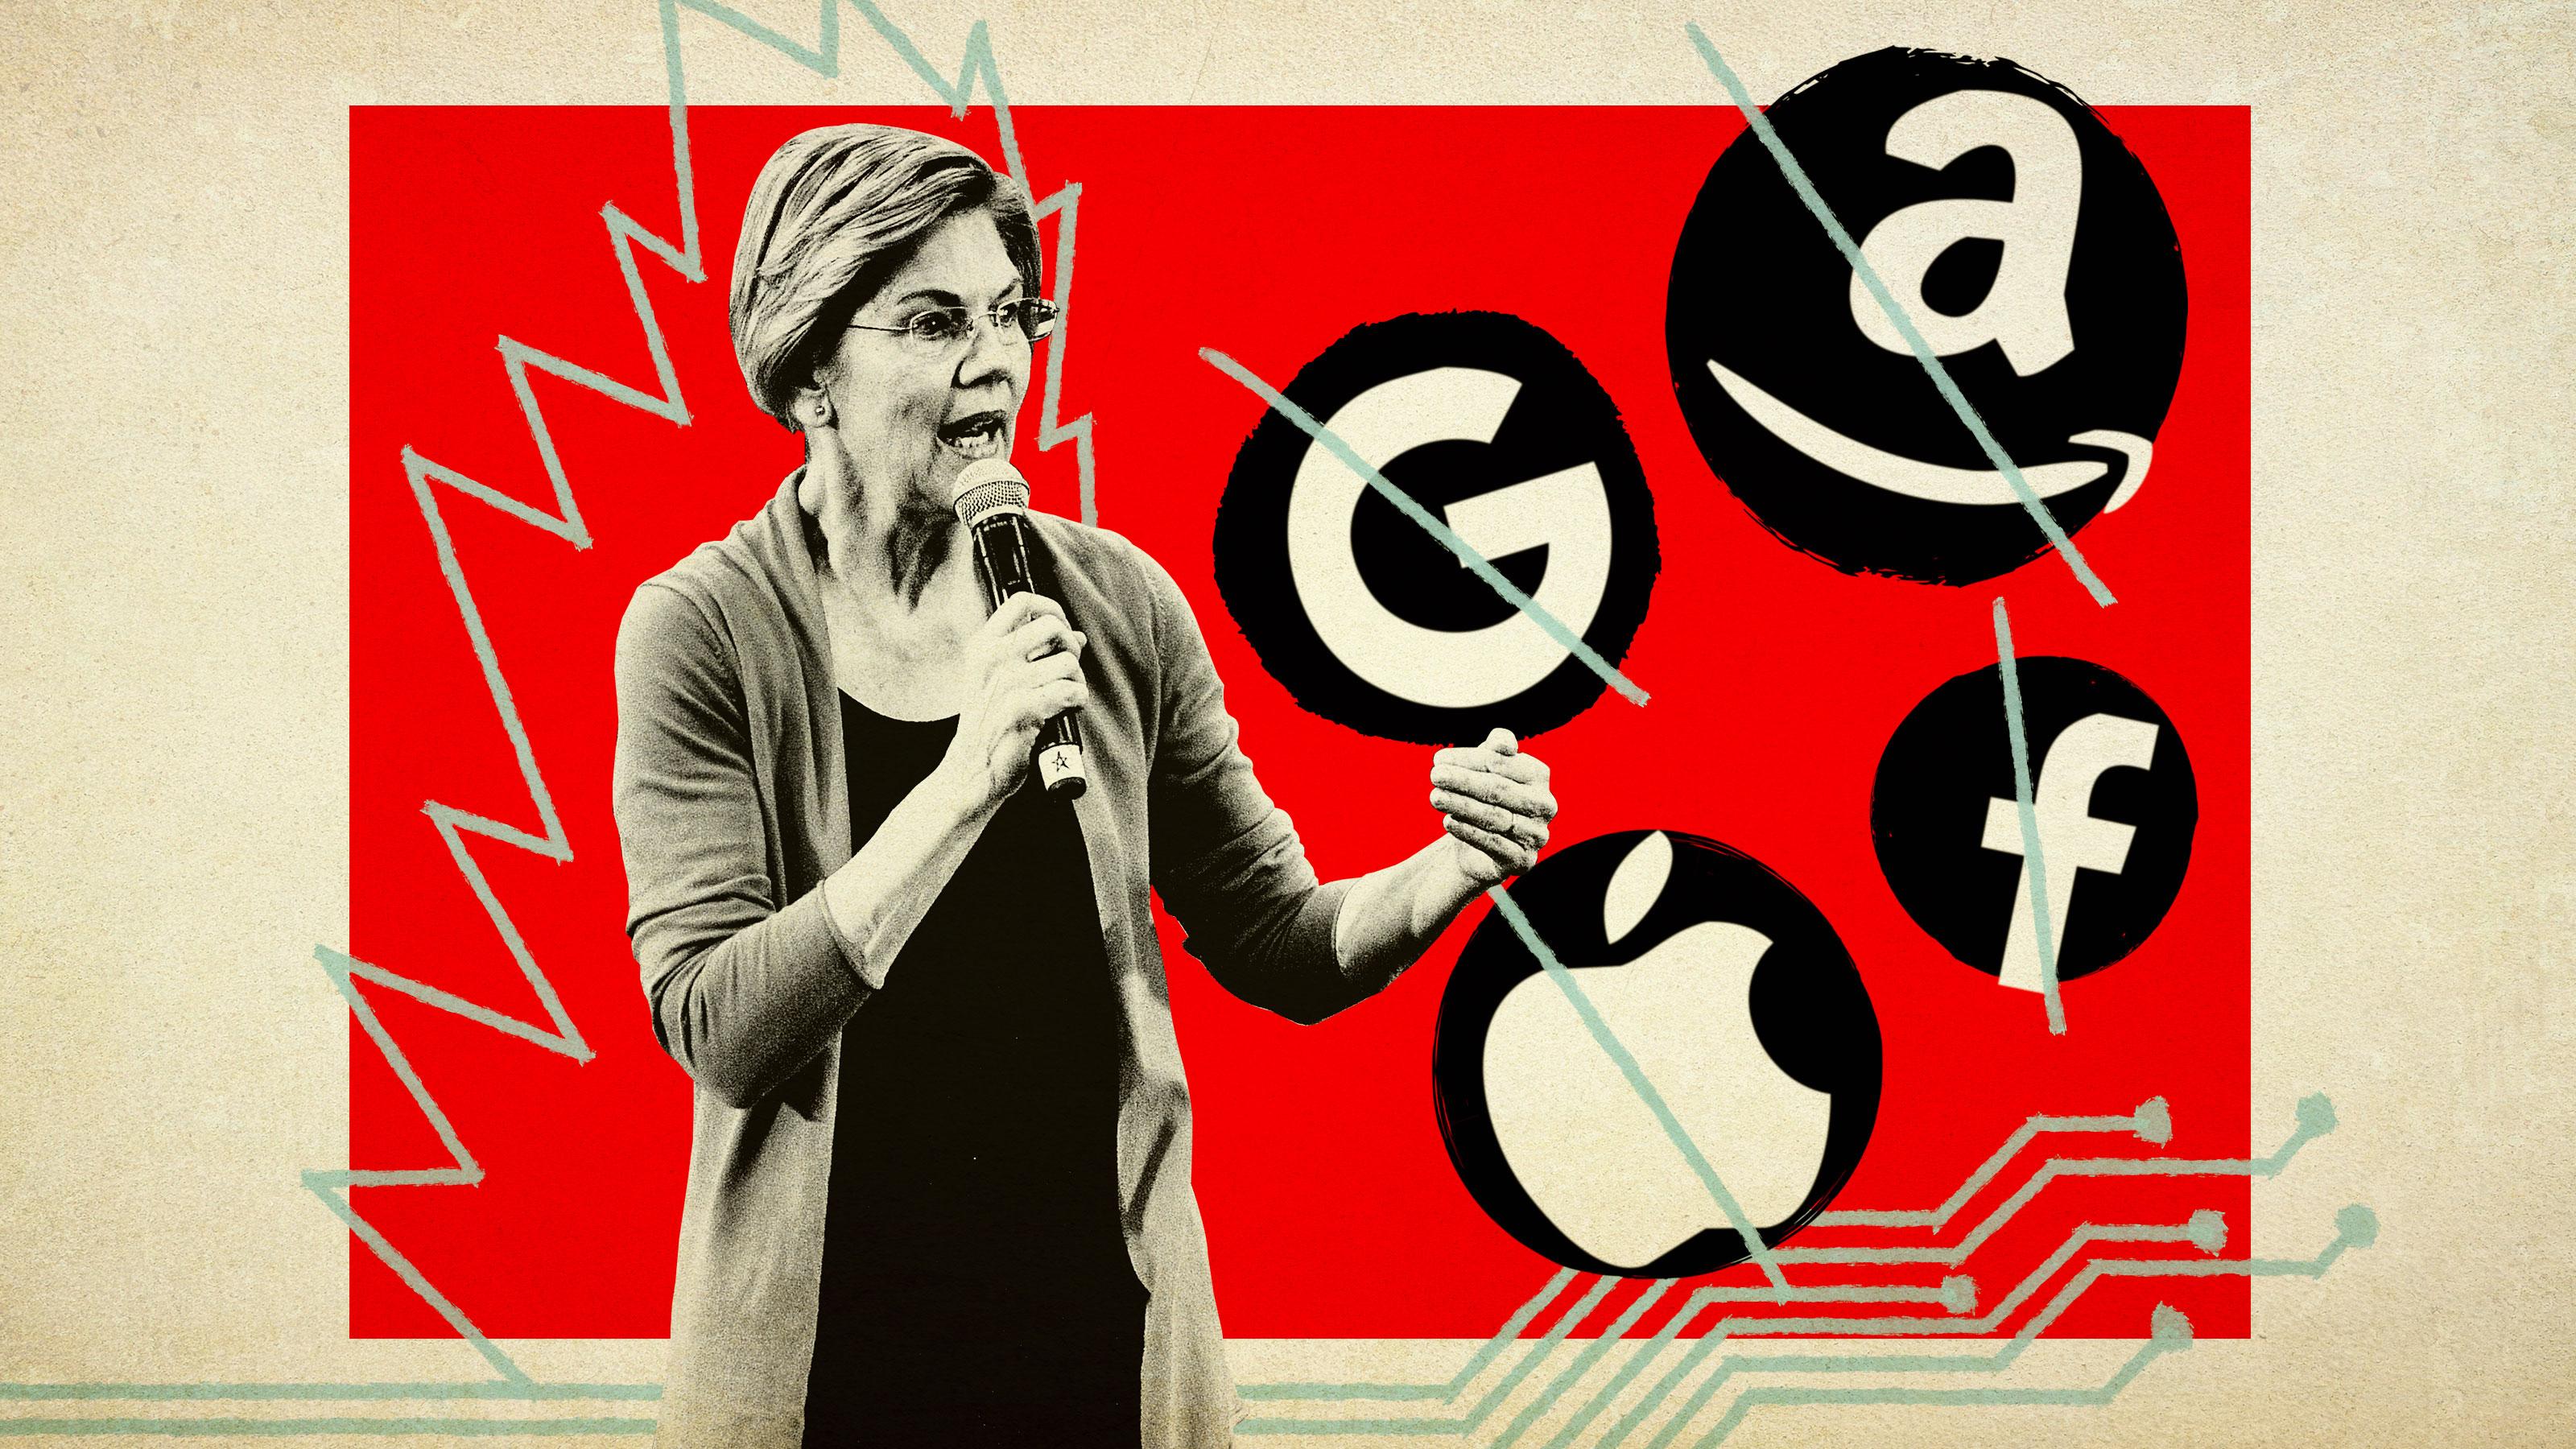 Elizabeth Warren standing in front of Google, Amazon, Apple, and Facebook logos